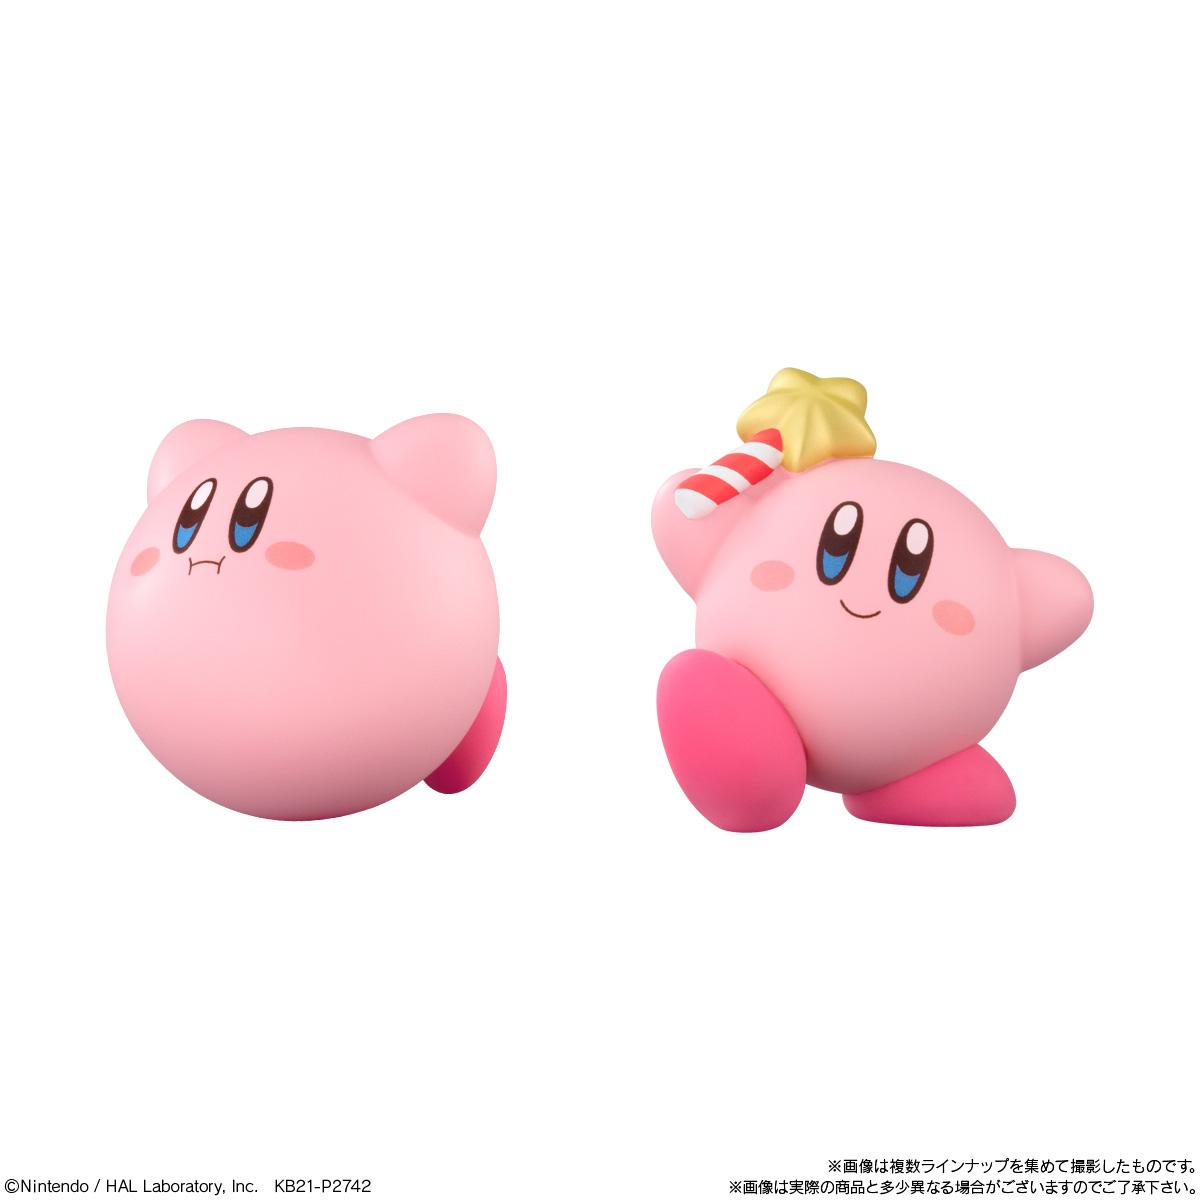 【食玩】星のカービィ『星のカービィ Kirby Friends(カービィフレンズ)』12個入りBOX-003